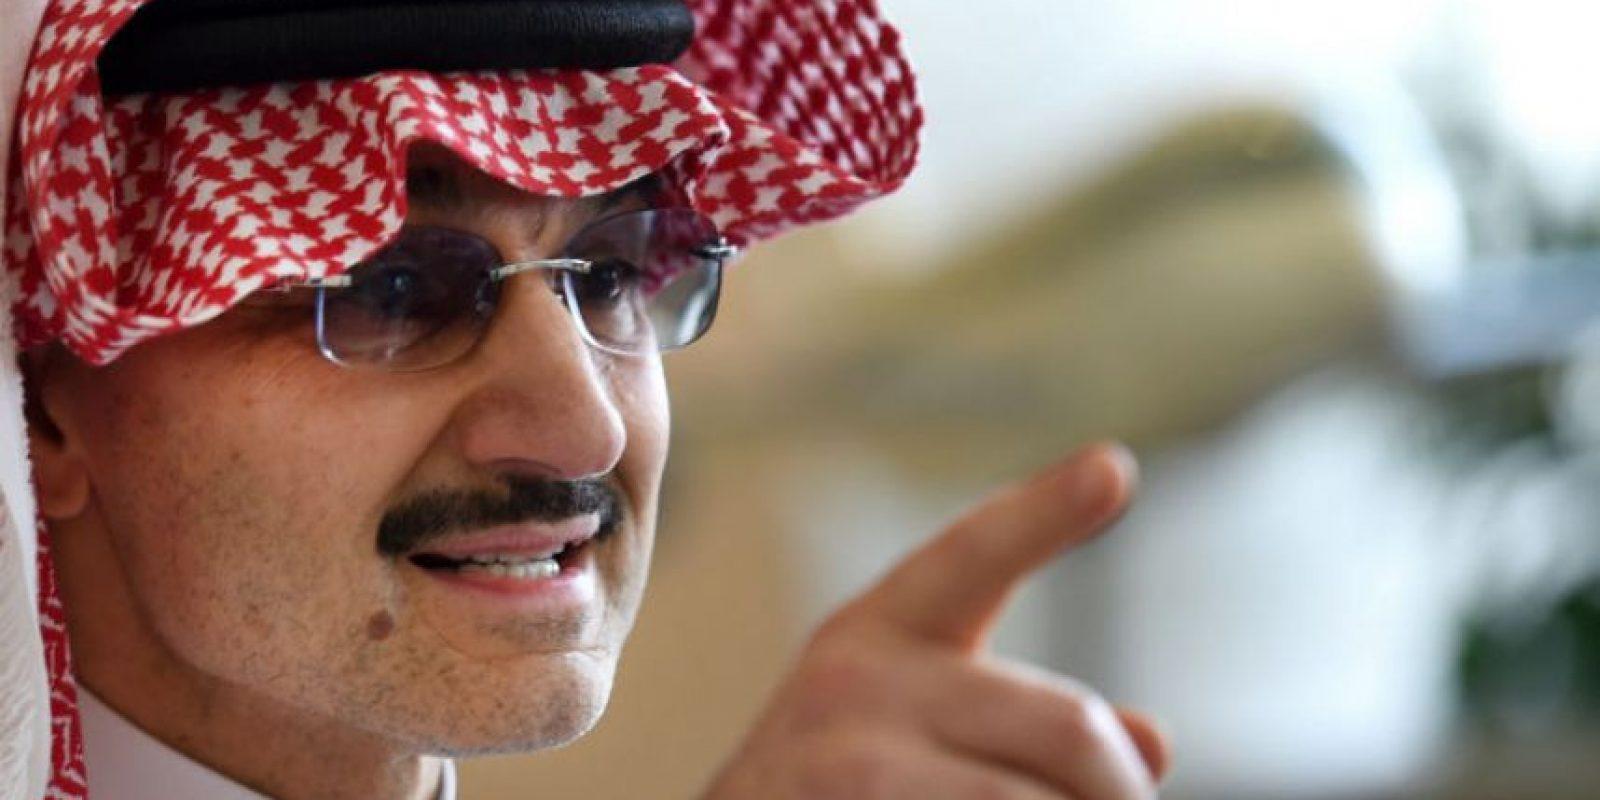 El príncipe saudí, Alwaleed bin Talal, donará toda su fortuna debido al compromiso que hizo con la fundación Bill y Melinda Gates. Foto:AFP